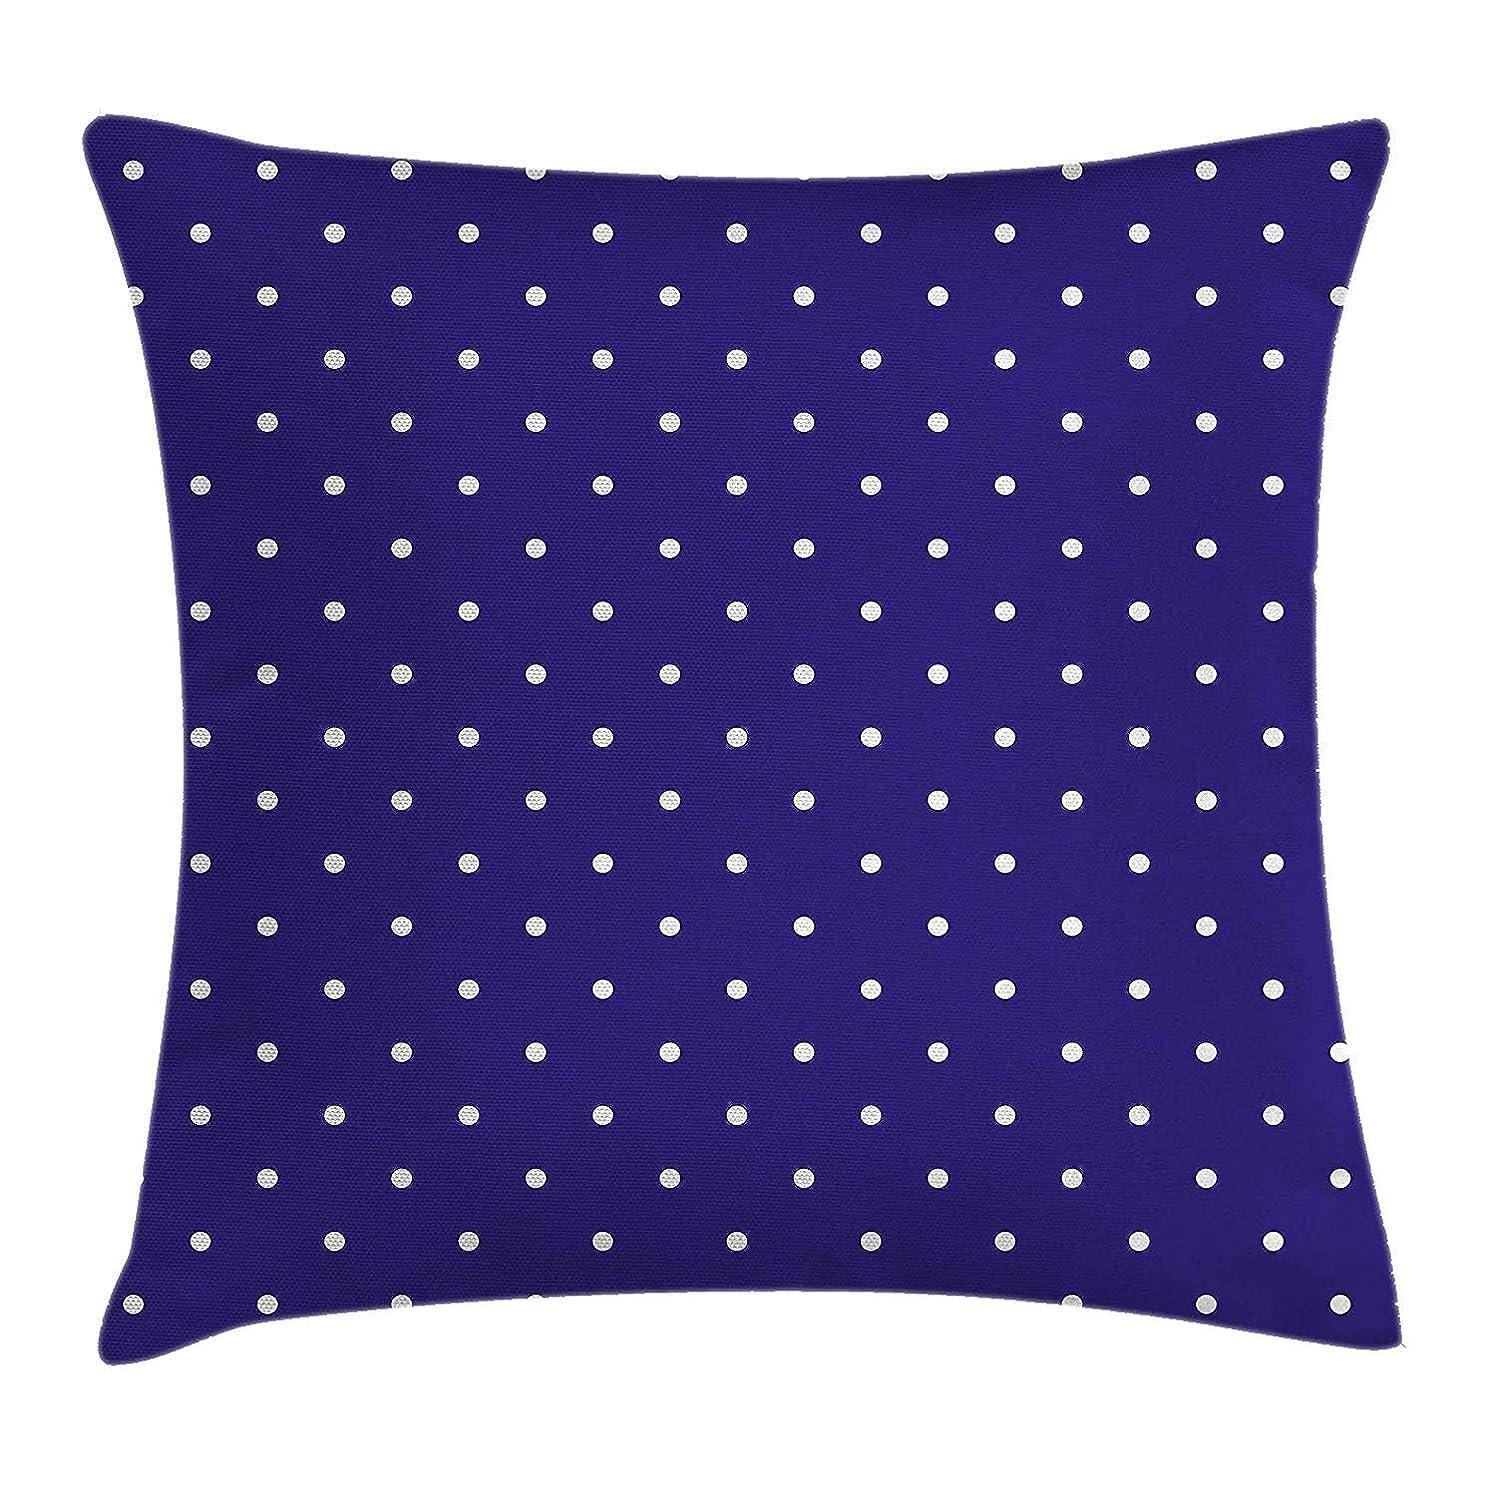 入植者ぐるぐる間隔Navy Pillow case Cute Polka Dots Pattern Nostalgic Feminine Shabby Chic Little Spots Artistic Motif 18 X 18 inches